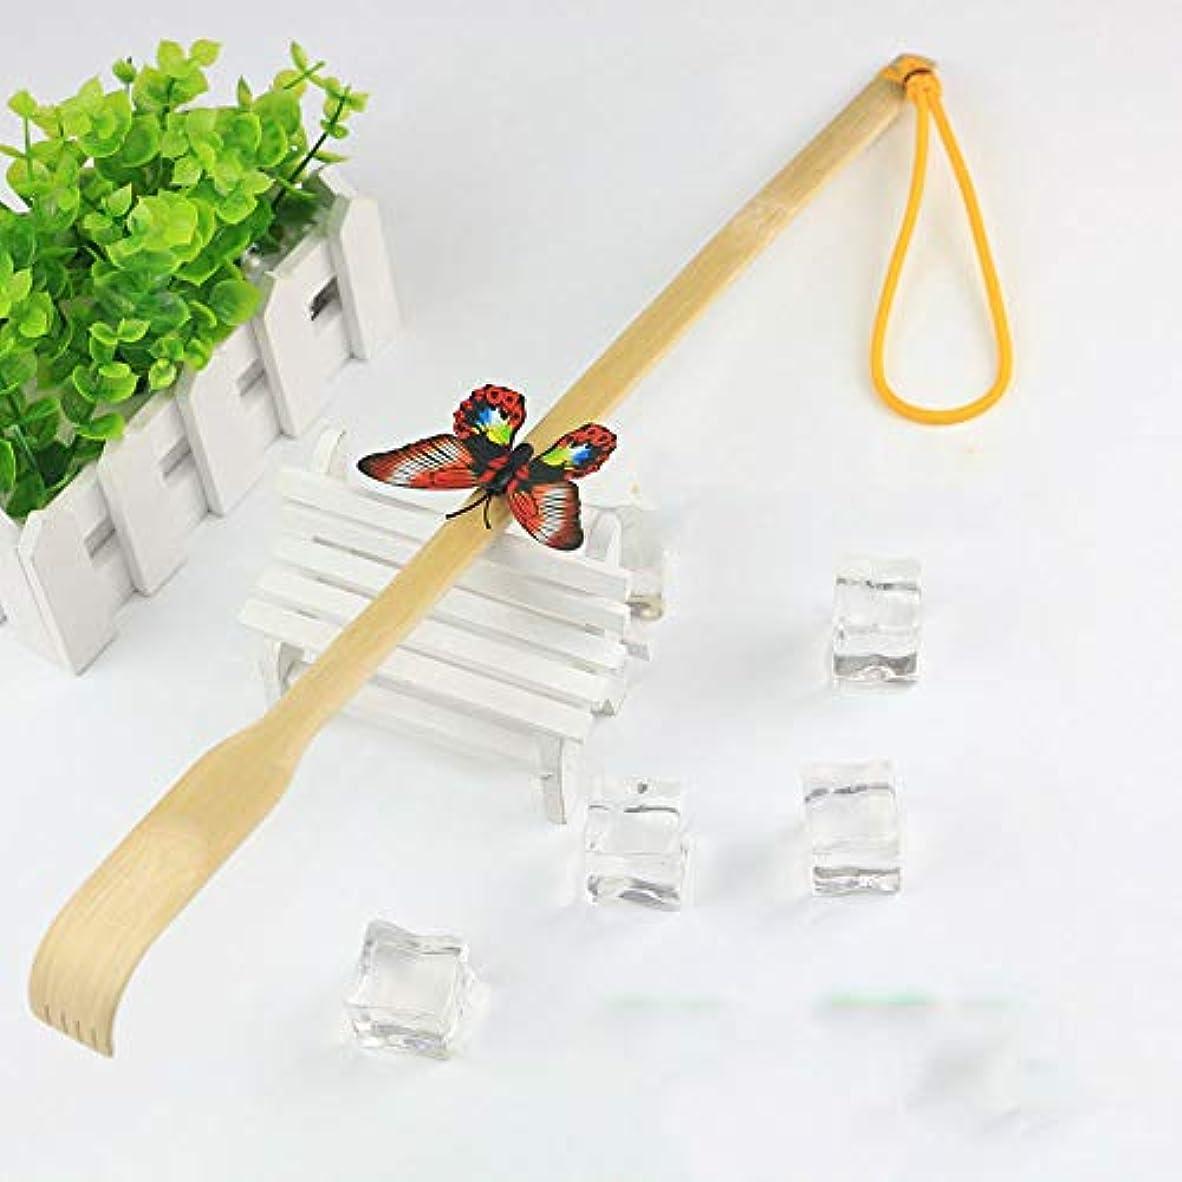 夫フライト遅れRuby背中掻きブラシ 木製 まごのて 敬老の日 プレゼント高人気 背中かゆみを止め マッサージ用